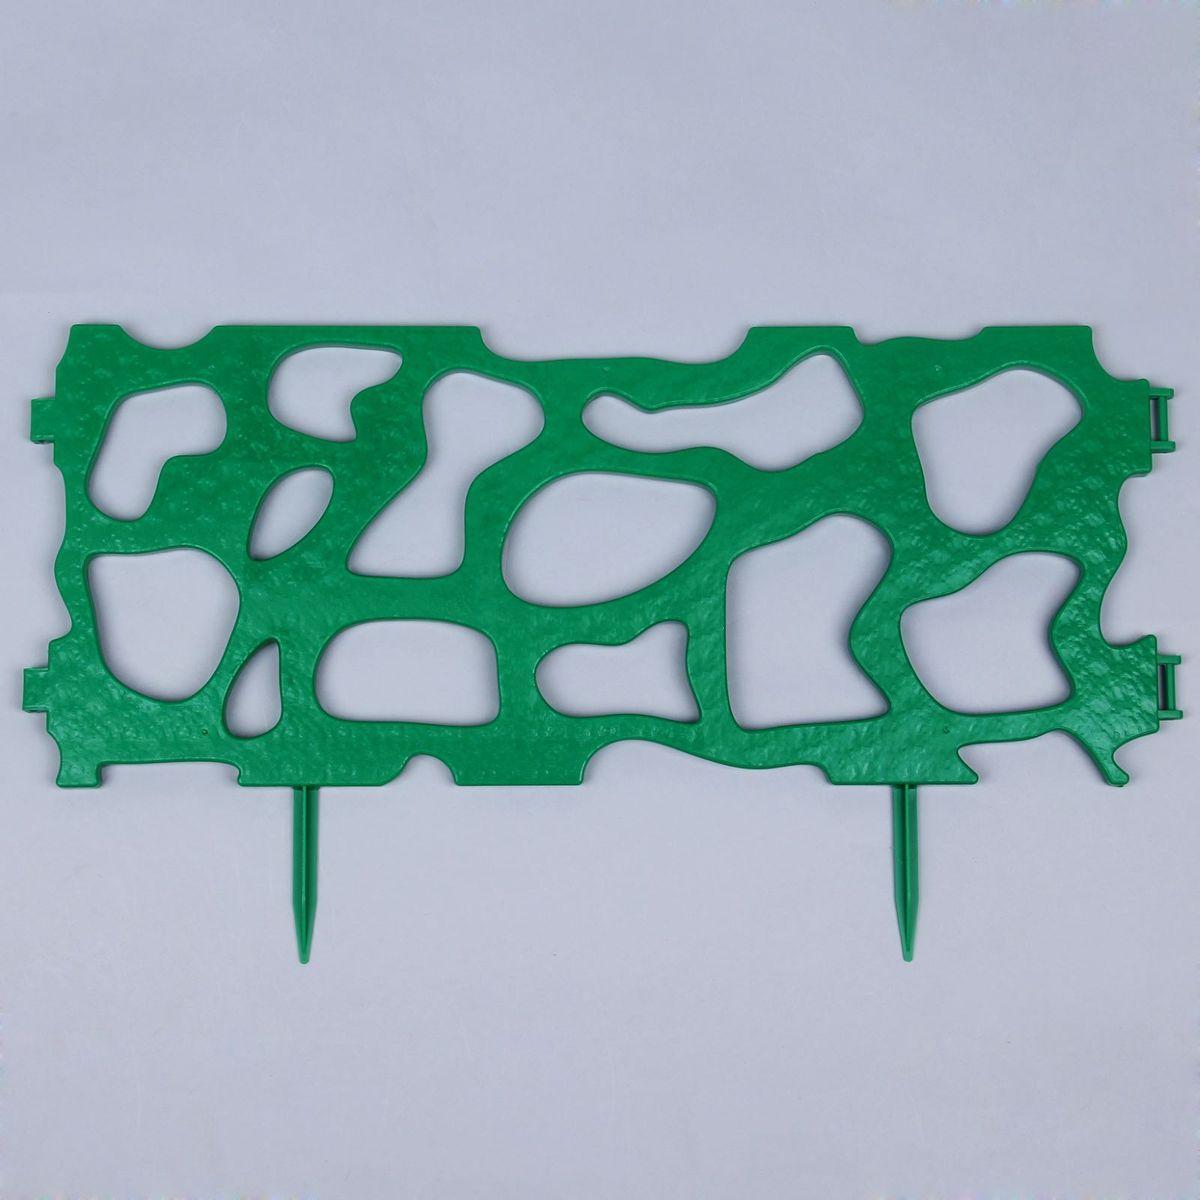 Ограждение садовое декоративное Noname Рельеф, 7 секций, цвет: зеленый, 30 х 365 см531-105Ограждение садовое Noname Рельеф предназначено для декоративного оформления границ цветников, клумб, газонов, садовых дорожек и площадок. Изделие изготовлено из прочного пластика. Легко и быстро собирается, надежно крепится в земле. Скрепляются при помощи простого замка.Размеры одной секции: 30 х 54 см.Высота без ножки: 22 см.Общая длина: 365 см.Количество ограждений в упаковке: 7 шт.